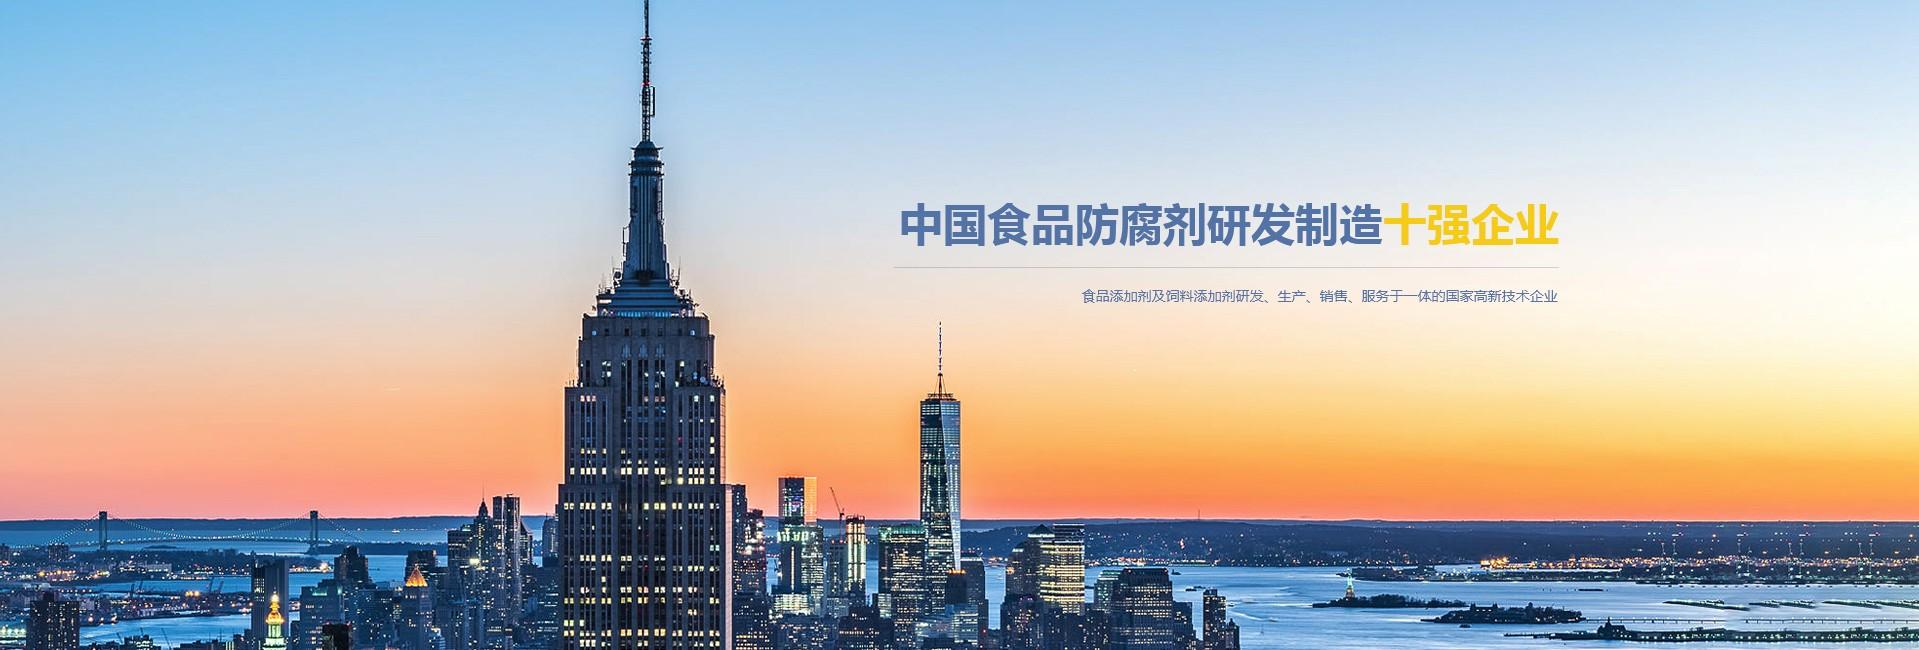 首页banner--中文